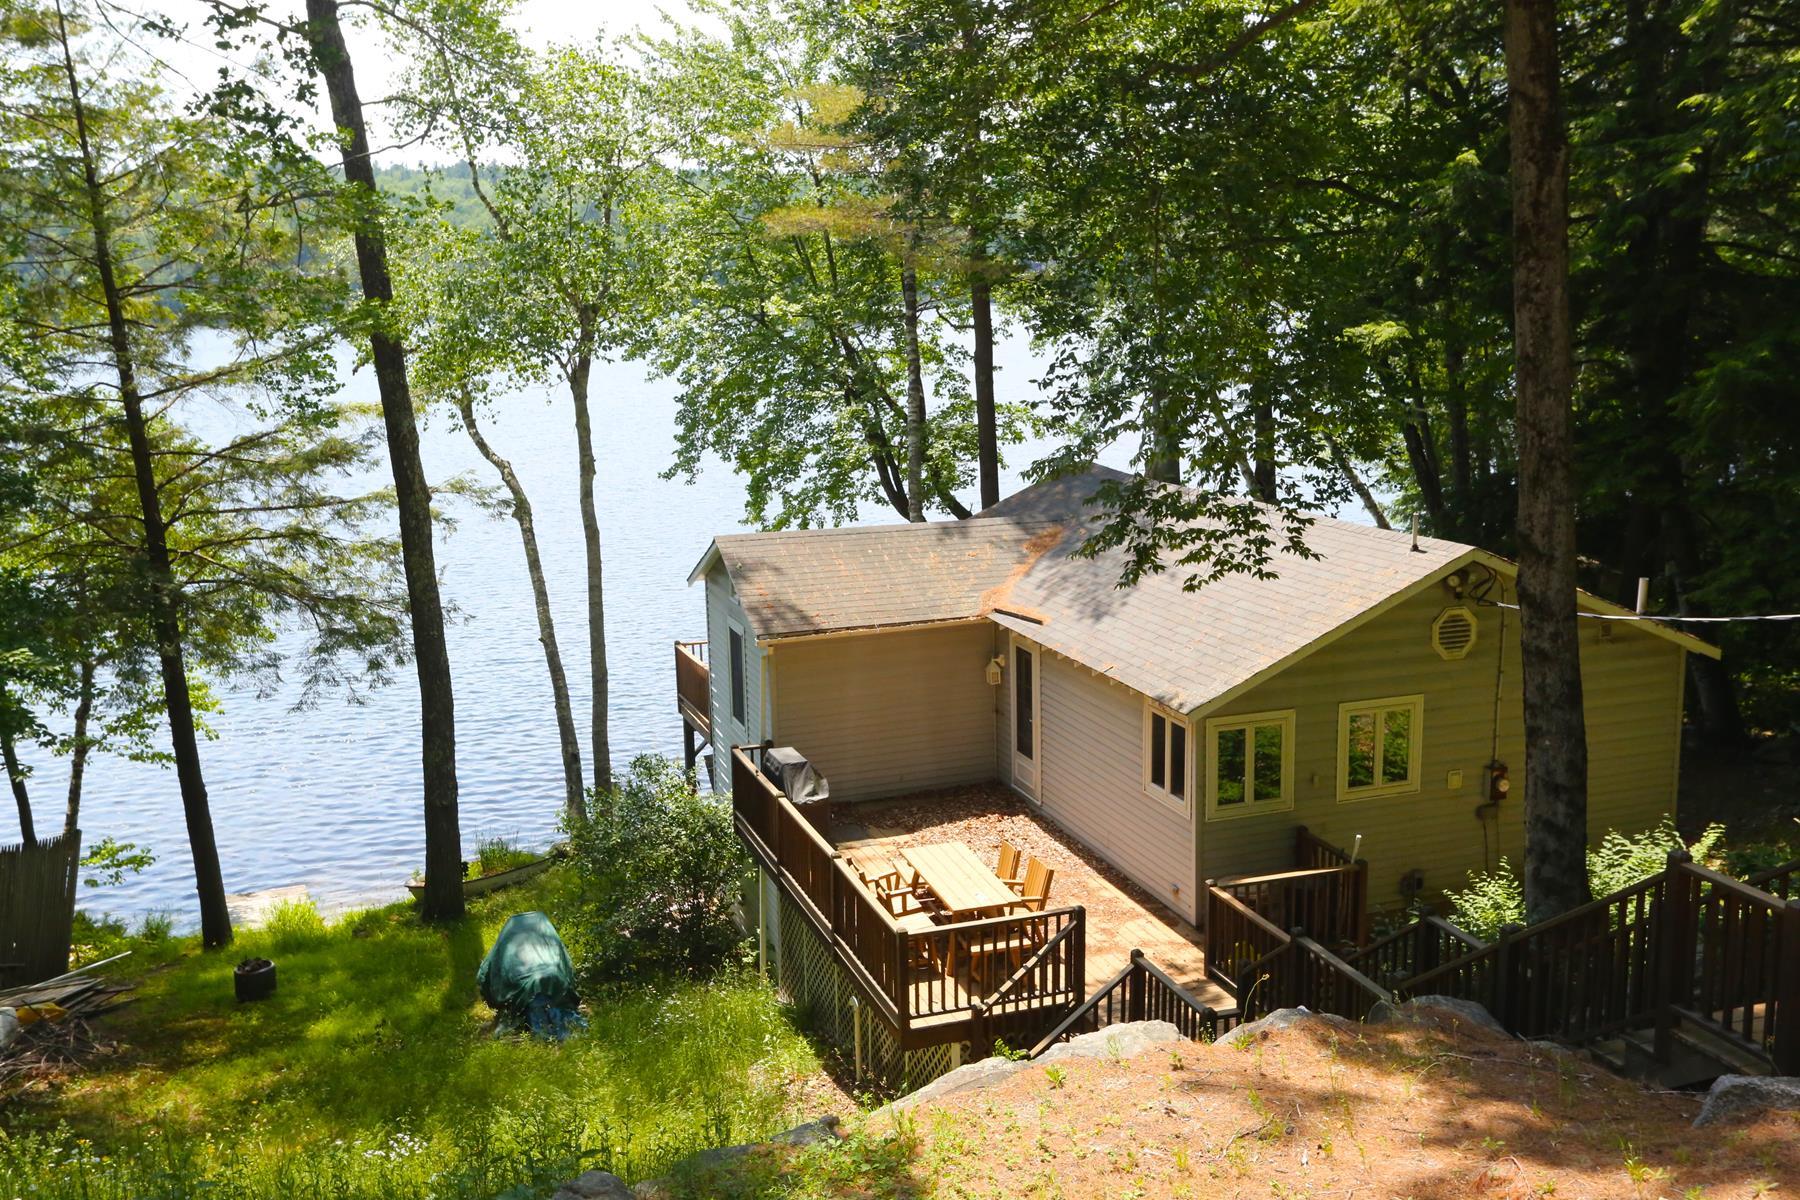 Maison unifamiliale pour l Vente à 41 North Shore Road, Sunapee 41 North Shore Rd Sunapee, New Hampshire, 03782 États-Unis